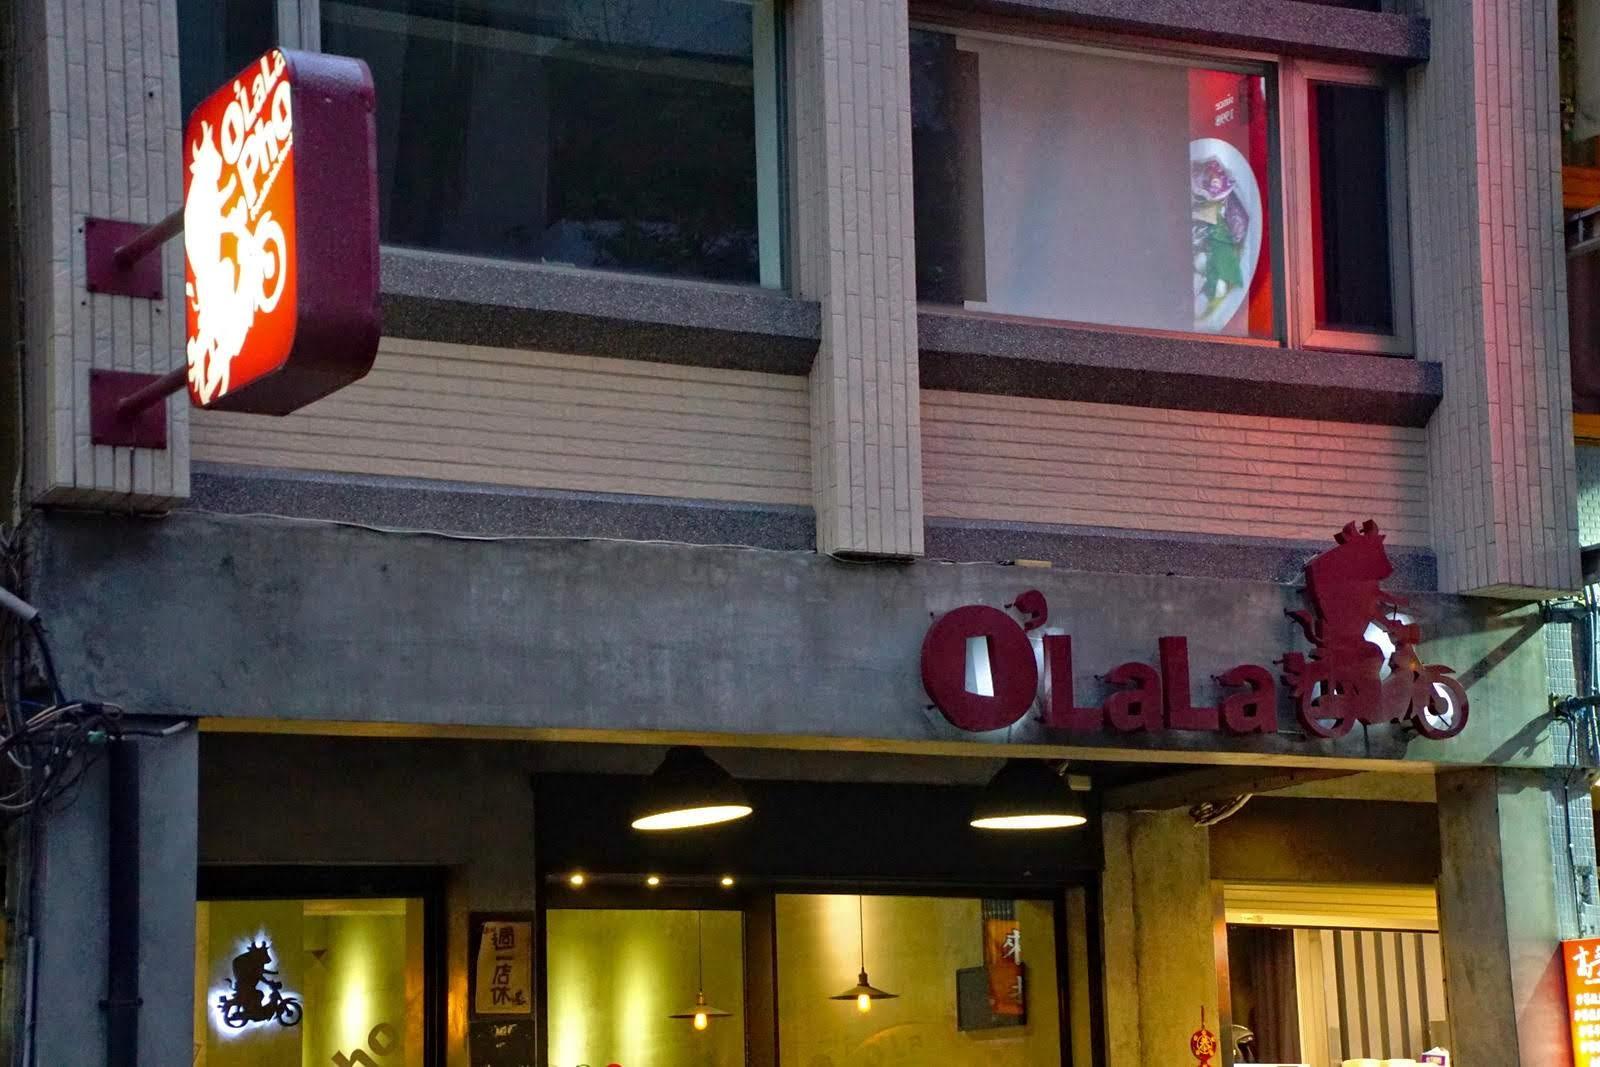 [台南][中西區] O'lala越法小館|越式河粉專賣|食記